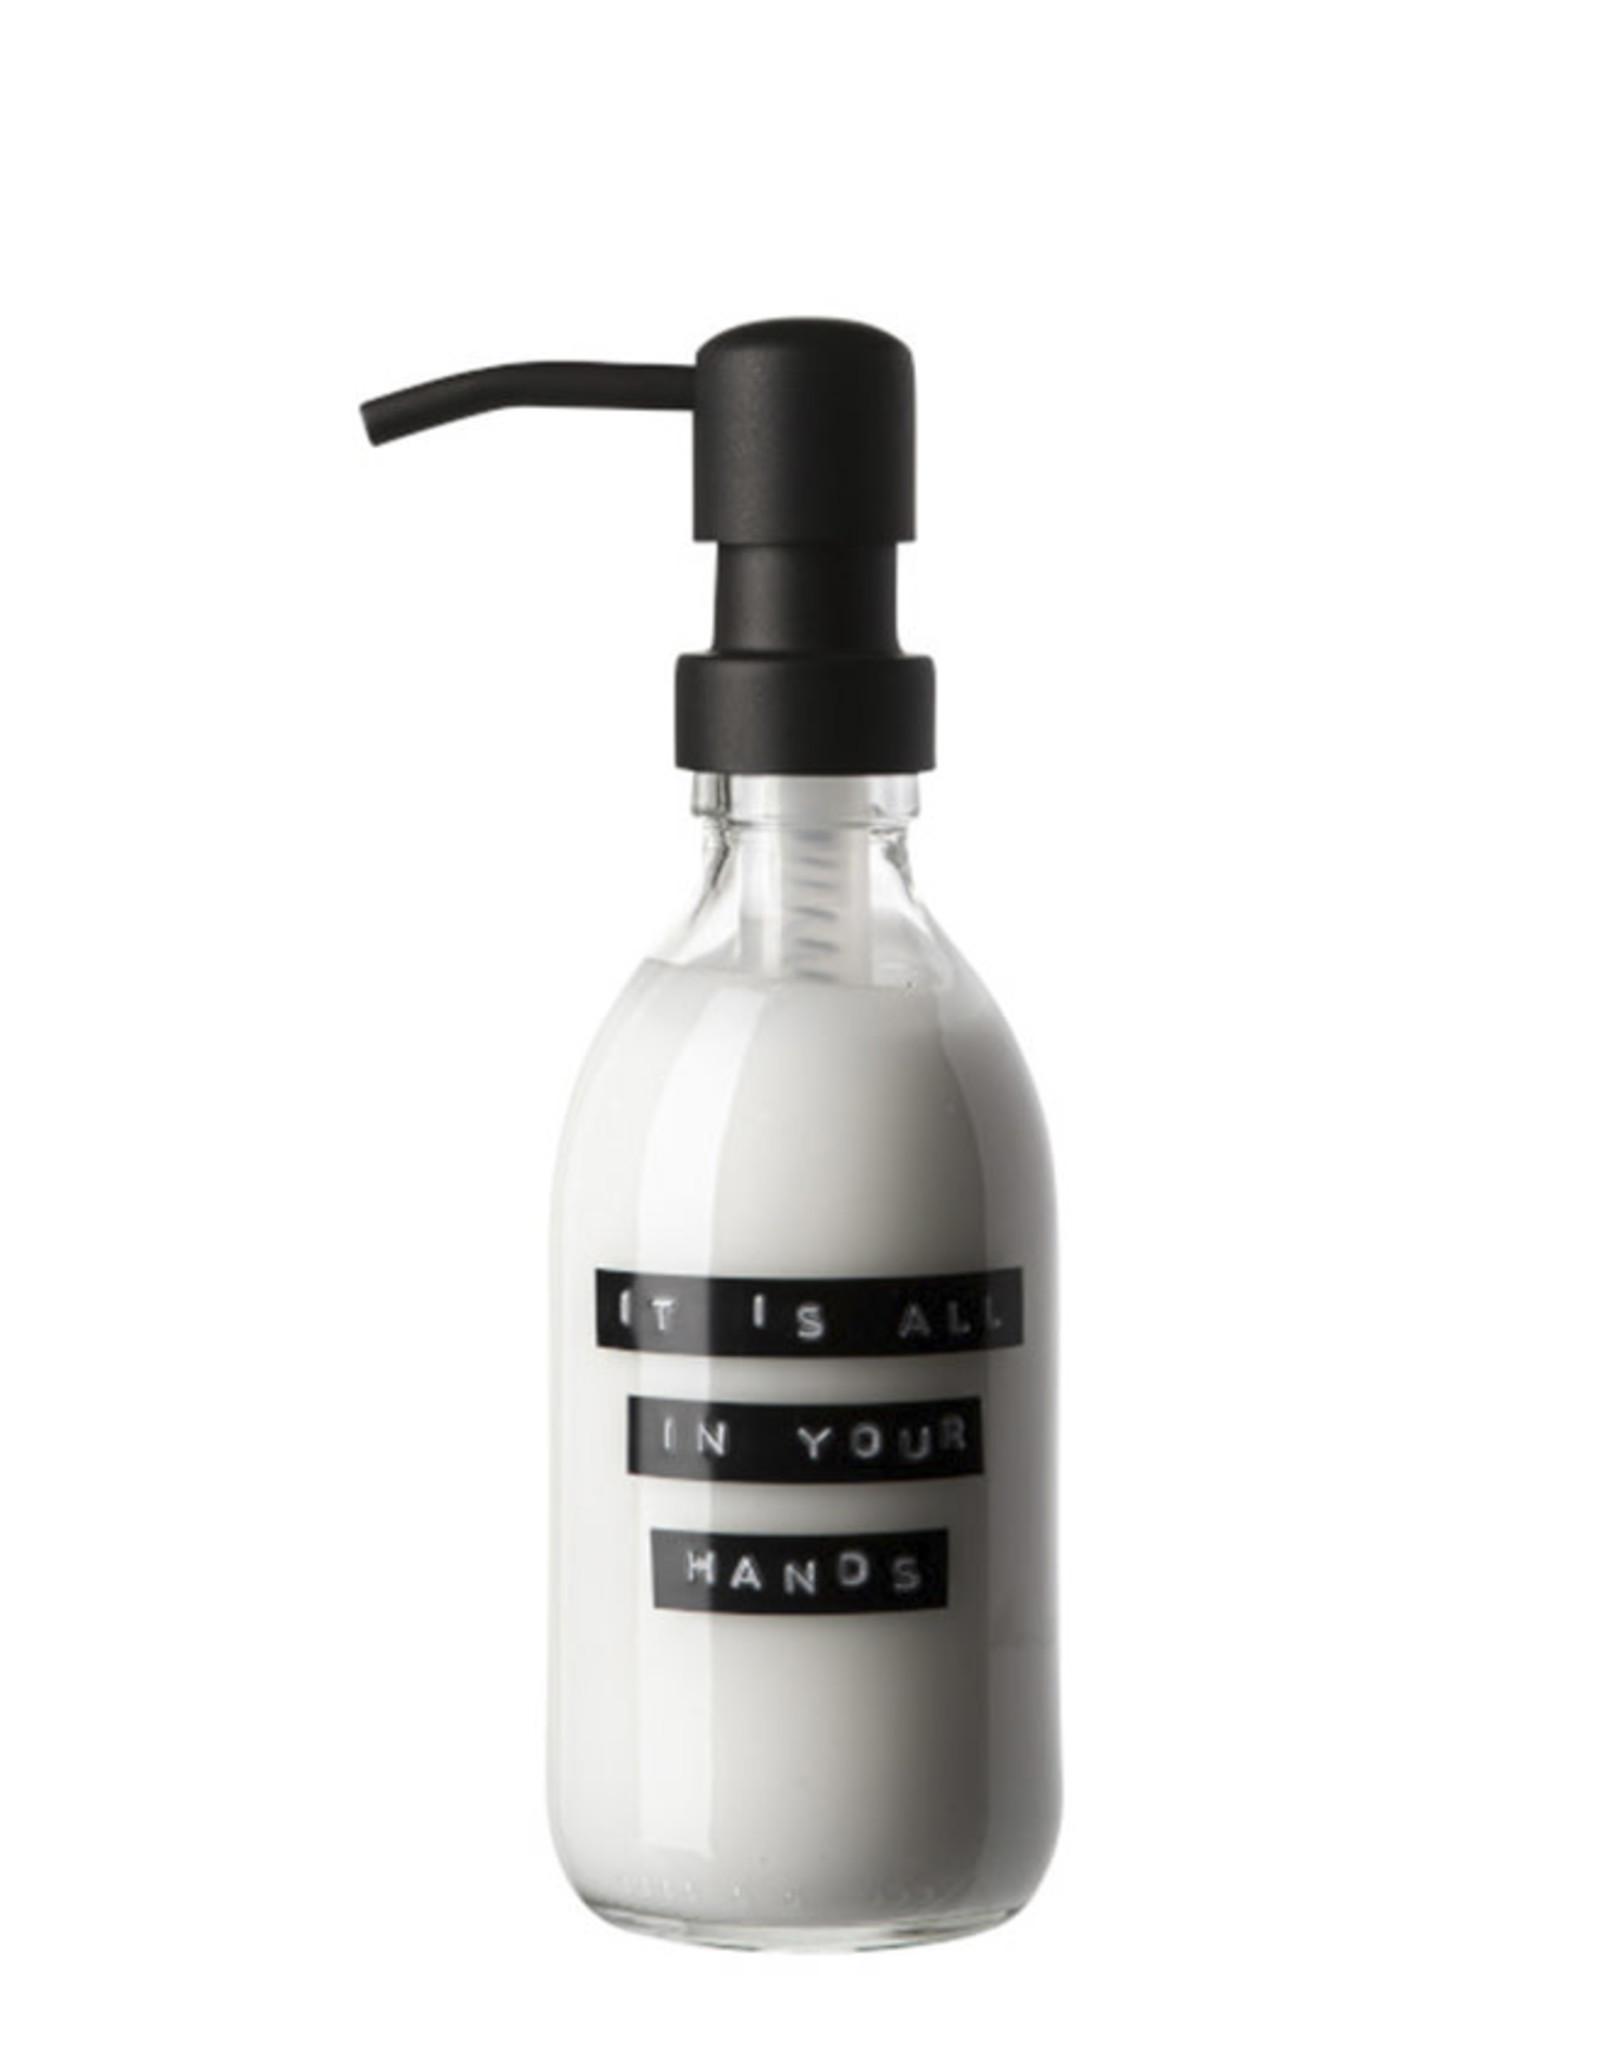 Wellmark Handcrème helder glas /zwarte pomp 250ml-it's all in your hands